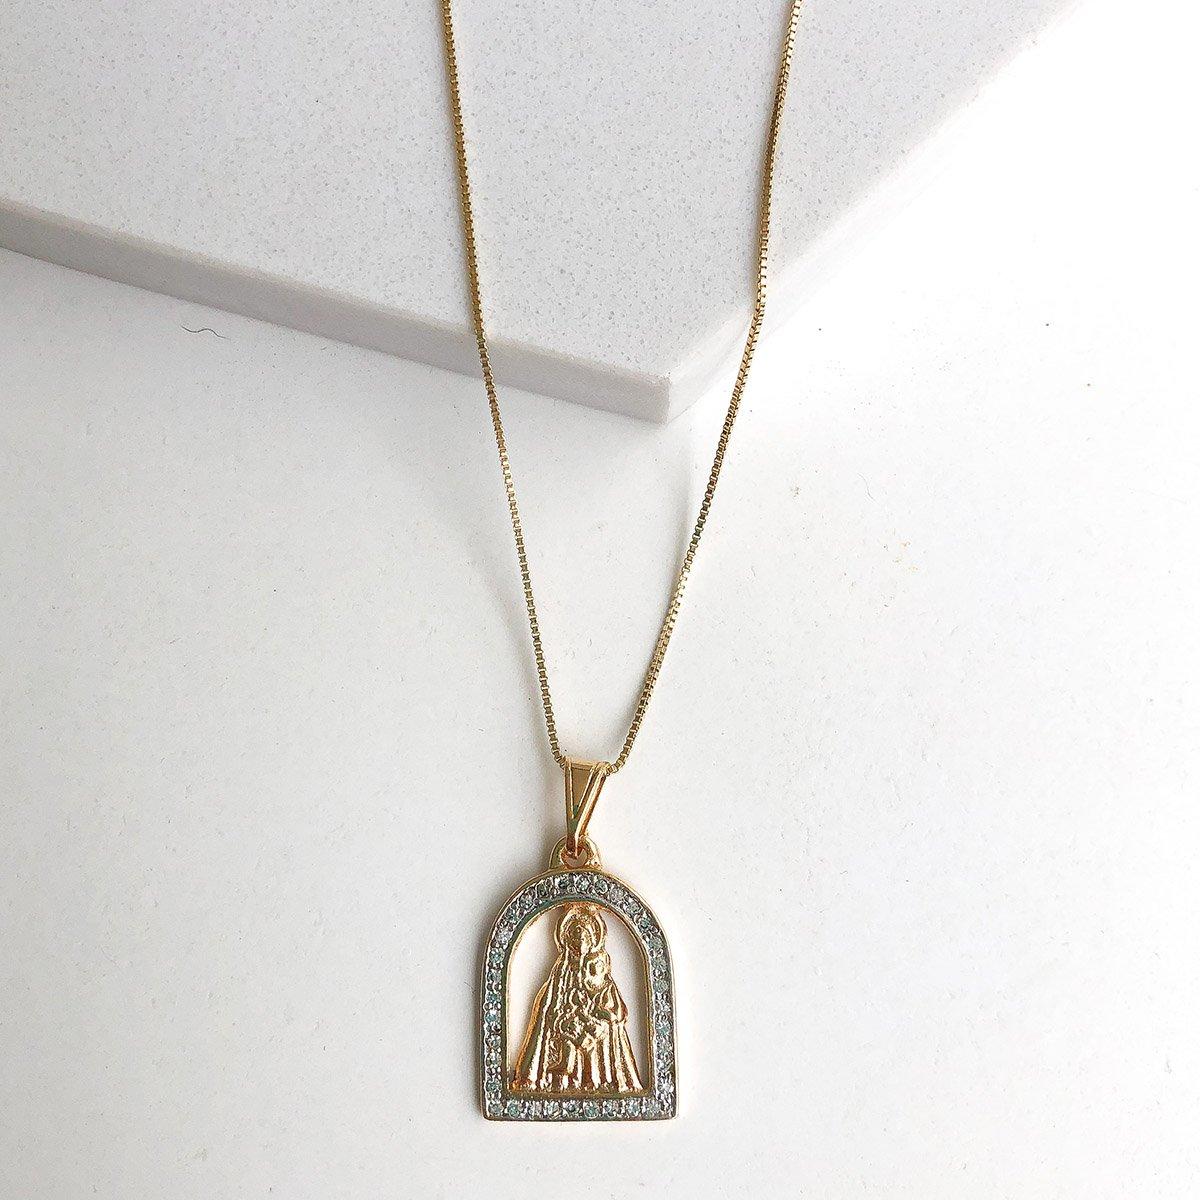 Colar Nossa Senhora de Aparecida Altar Zirônia Banhado a Ouro 18k